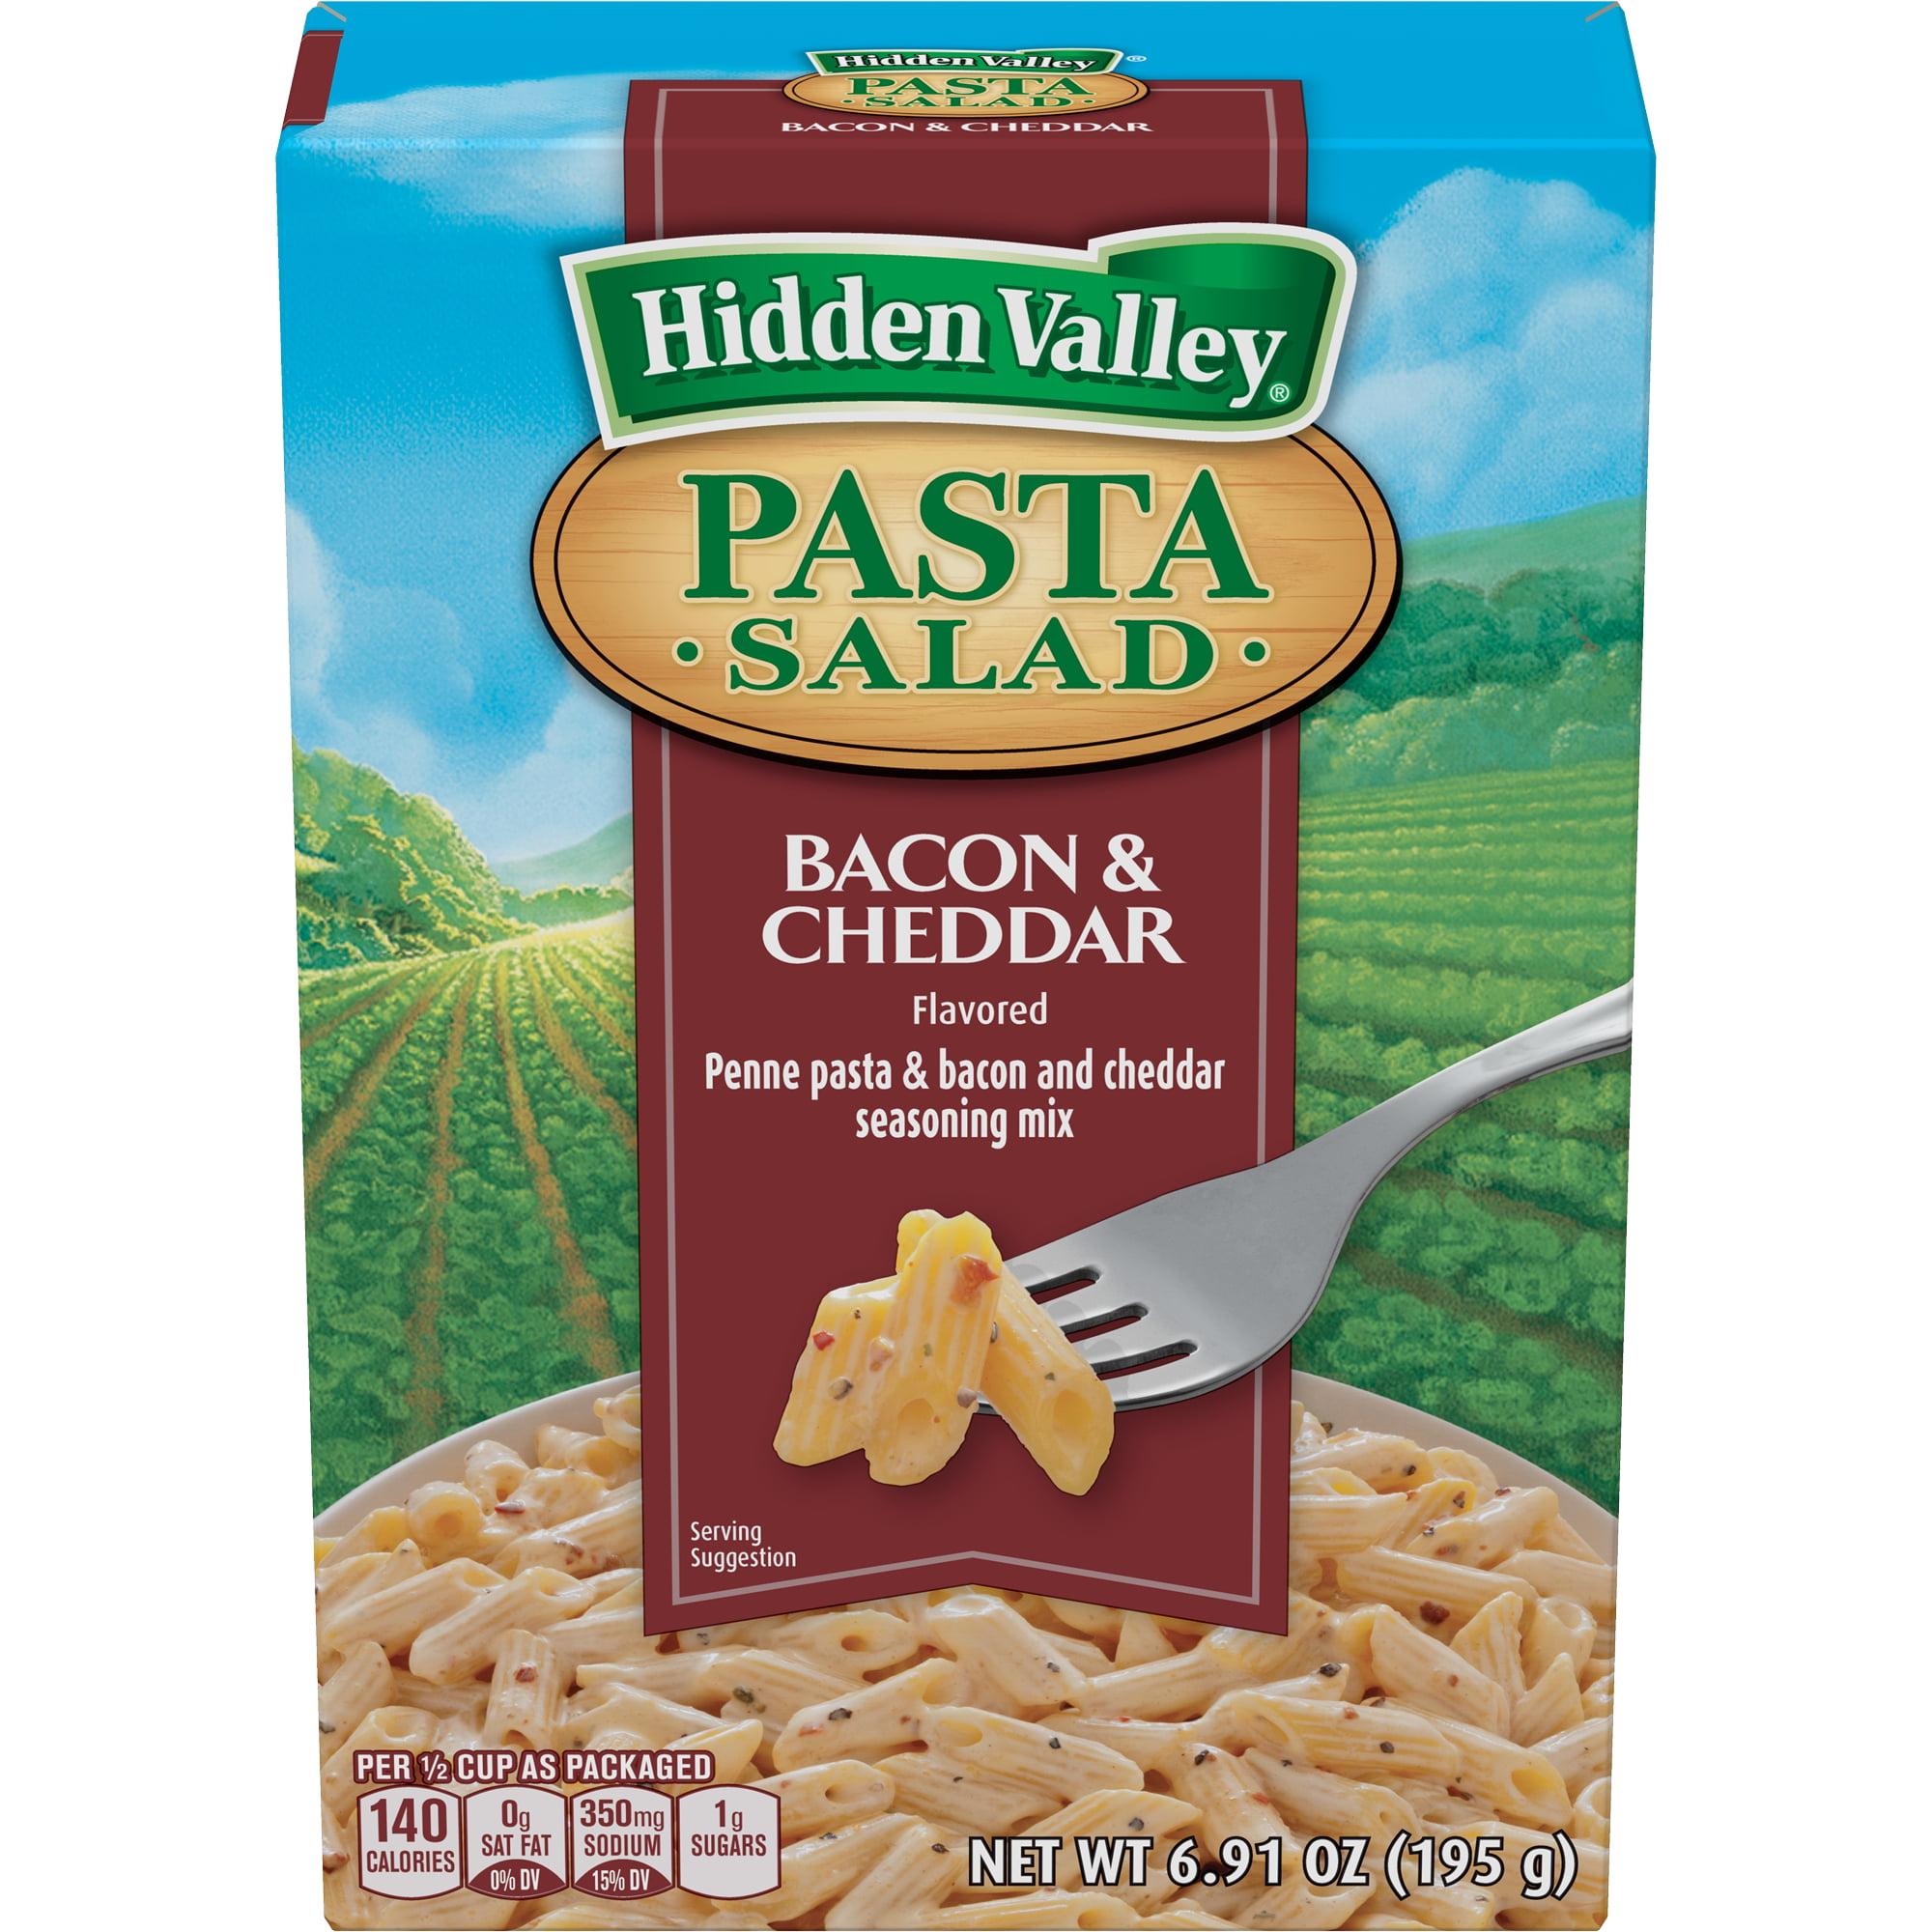 Hidden Valley Pasta Salad, Bacon and Cheddar, 6.91 Ounces